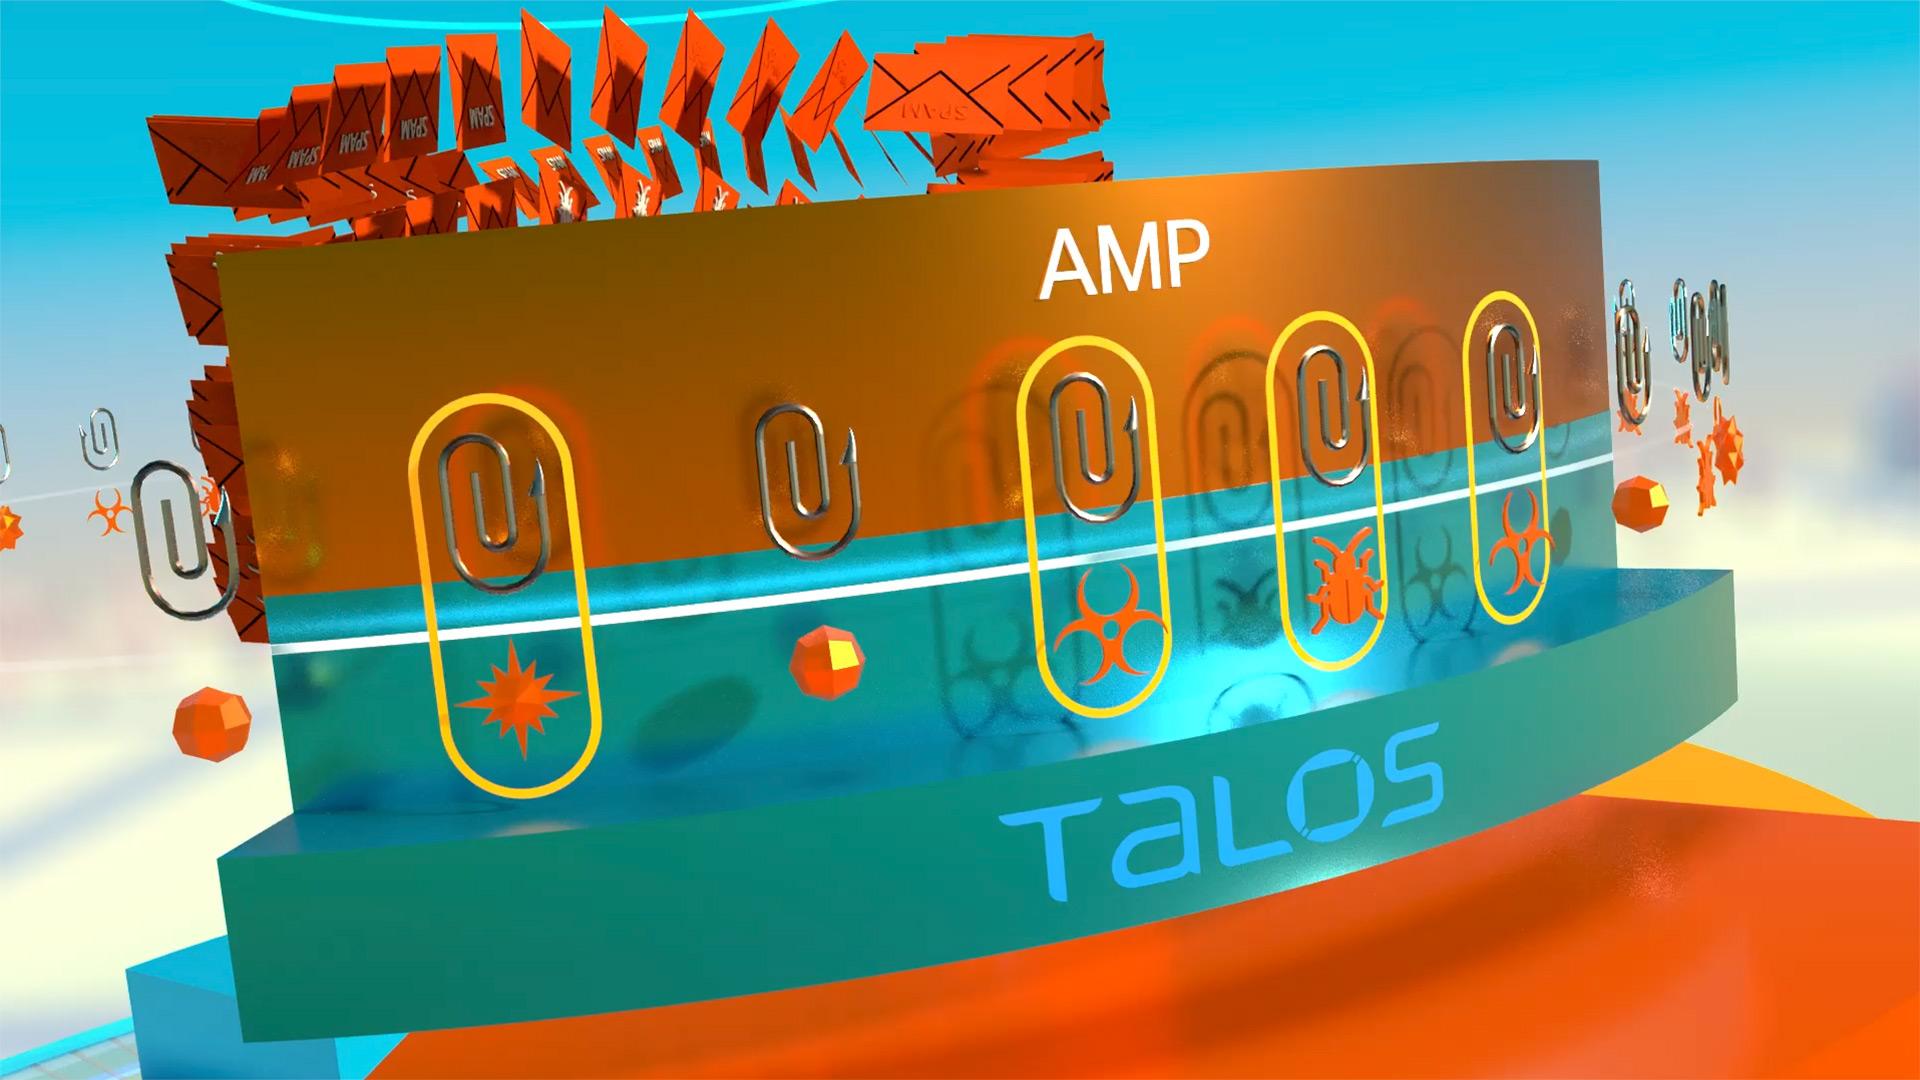 Cisco AMP and Talos